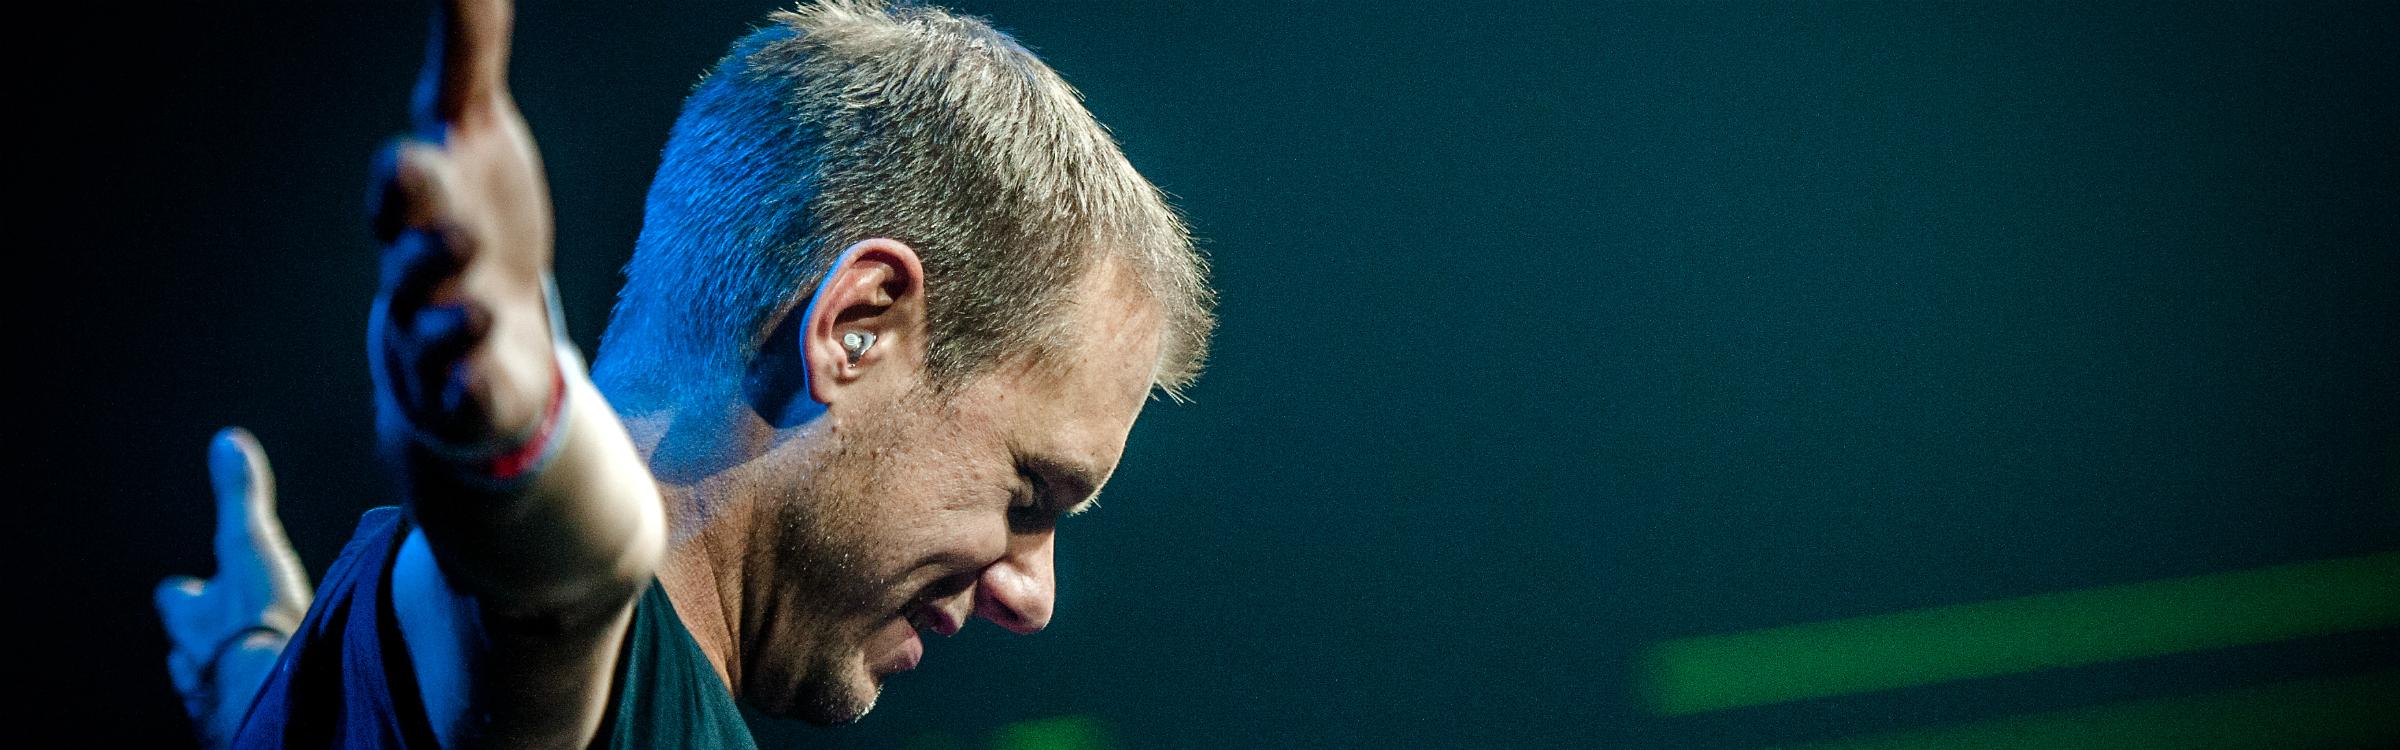 Armin header